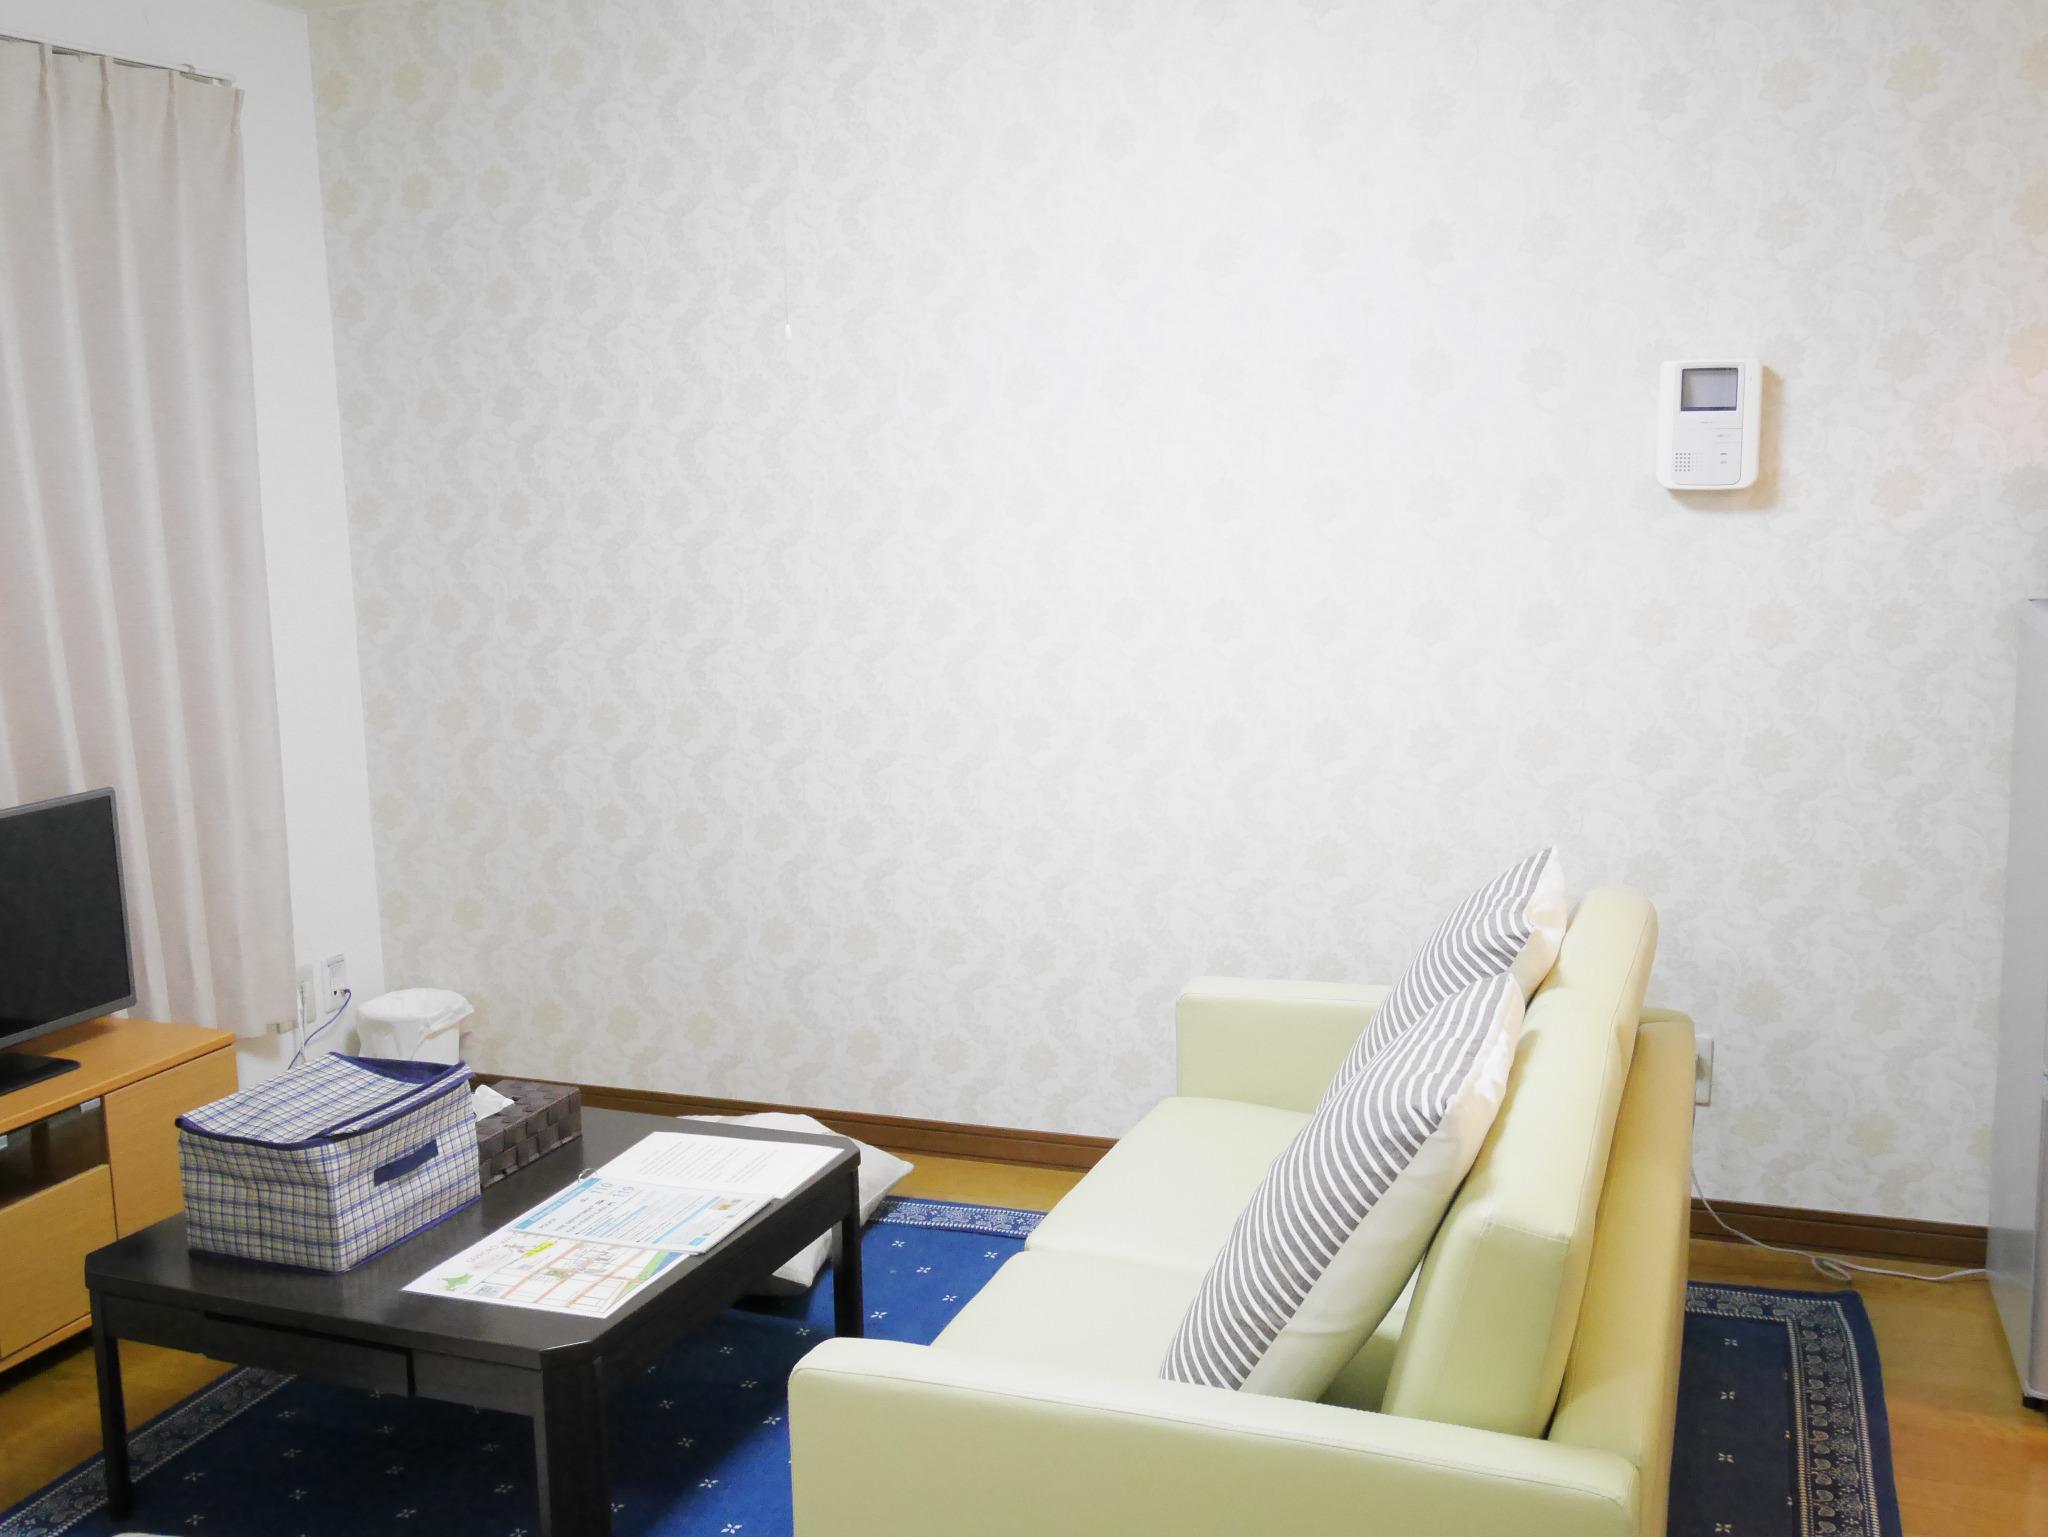 E106 札幌駅から1駅、JR苗穂駅徒歩4分の静かな場所にあるアパートです。